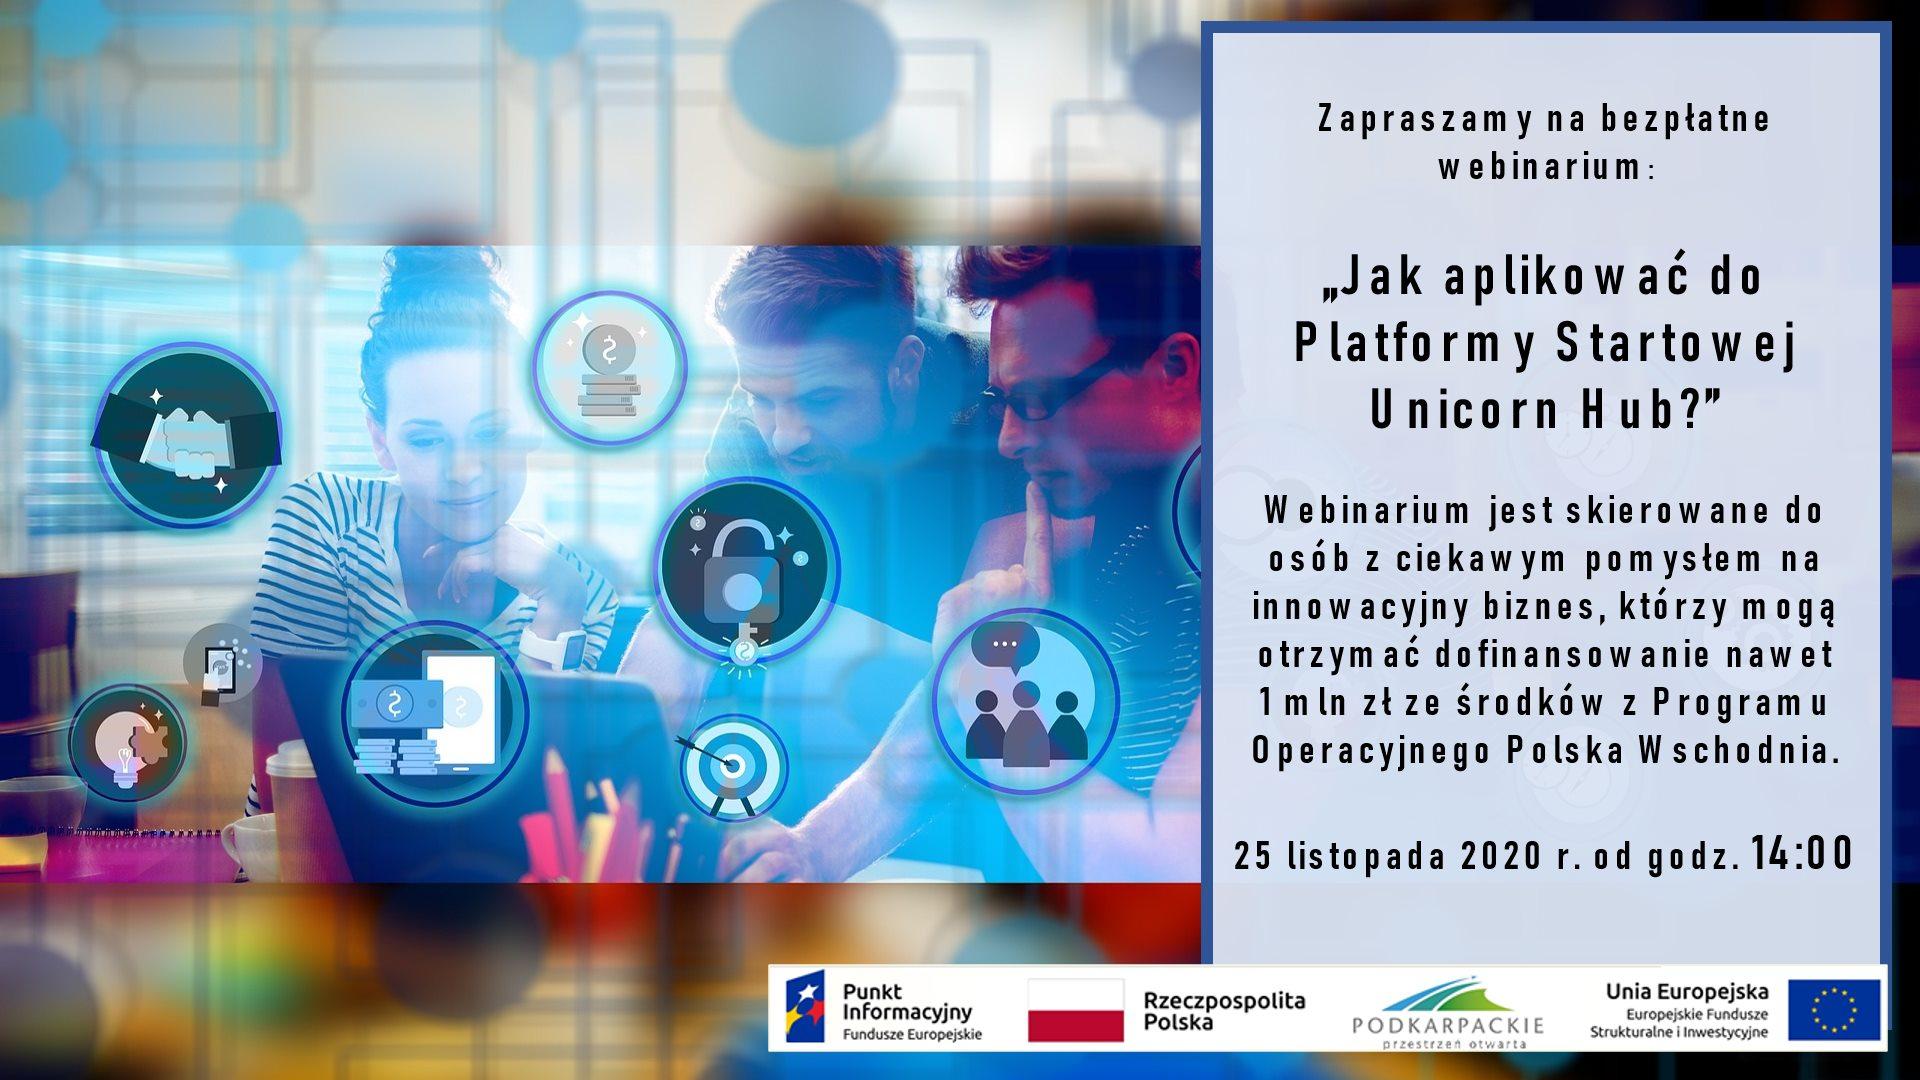 Sanok. Platforma Startowa Unicorn Hub - bezpłatne webinarium  - Zdjęcie główne